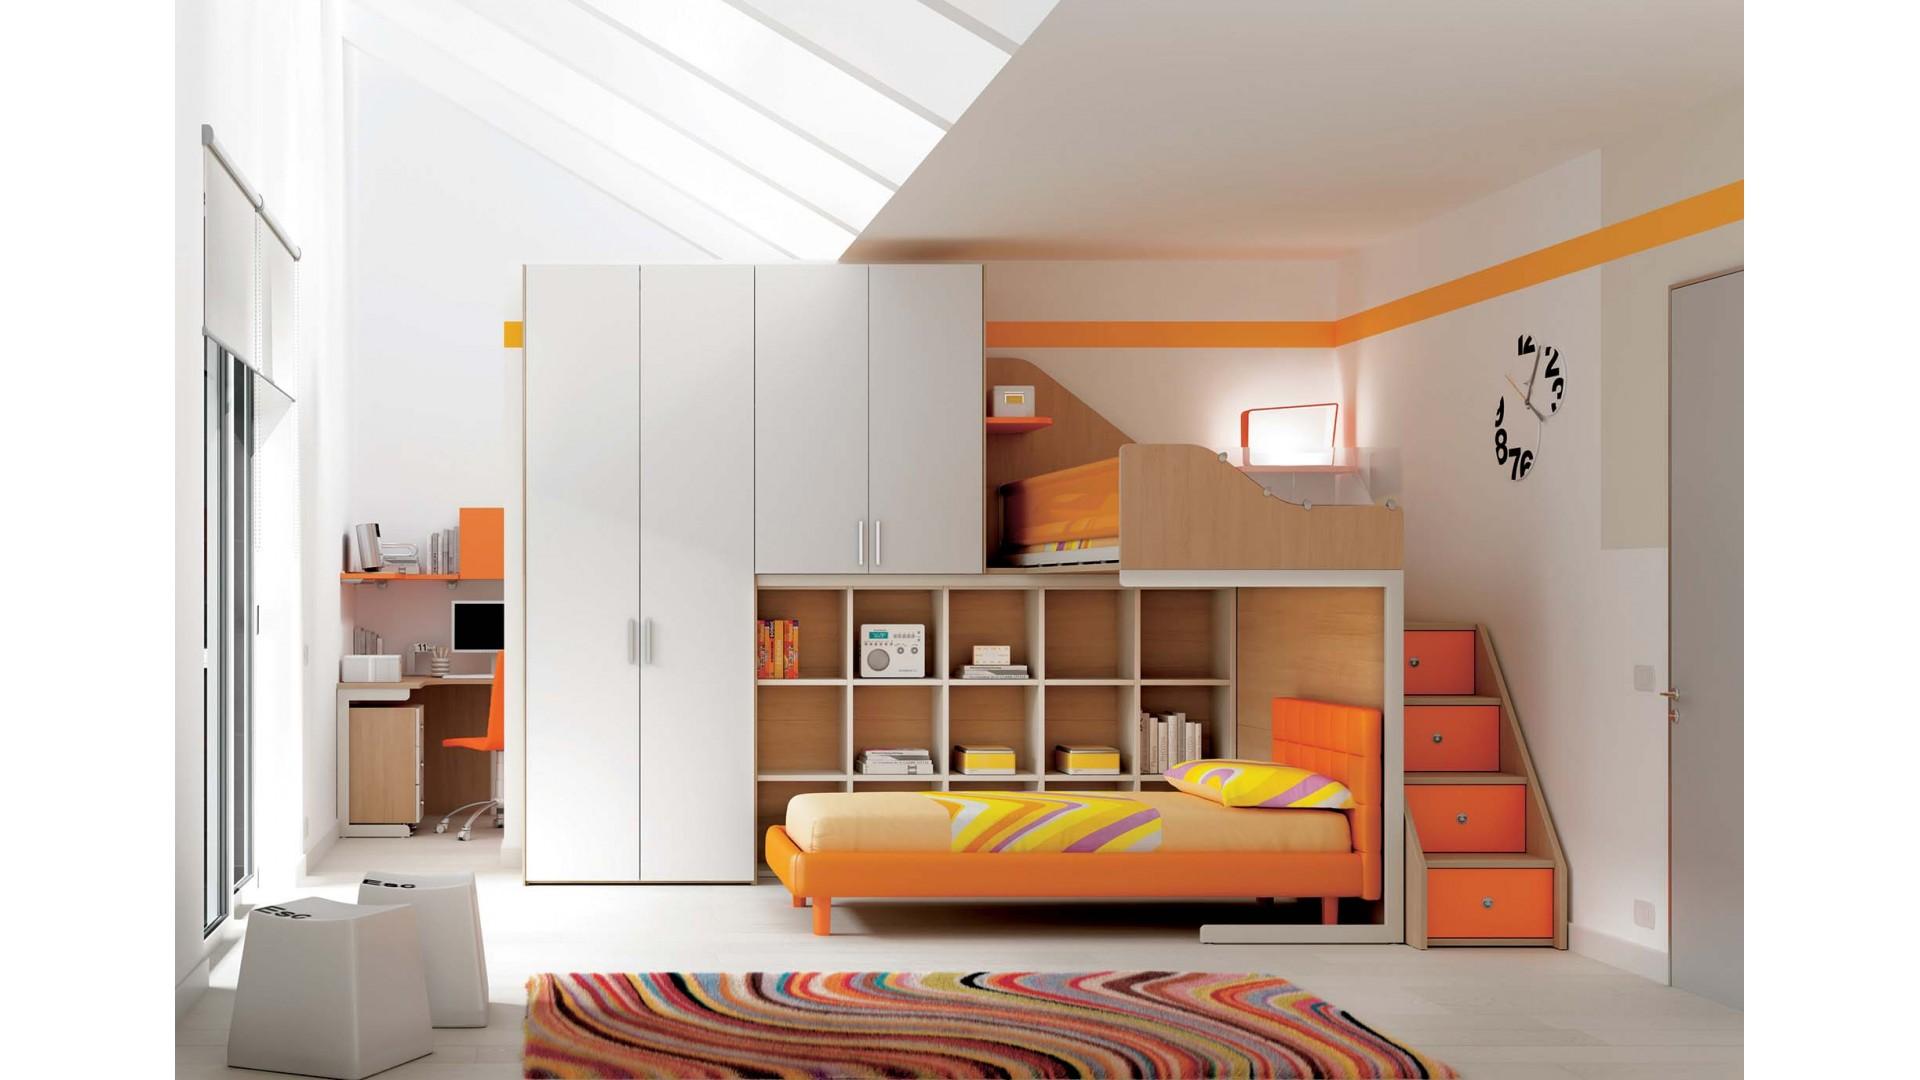 chambre enfant personnalisable ks11 lits superposes en mezzanine moretti compact